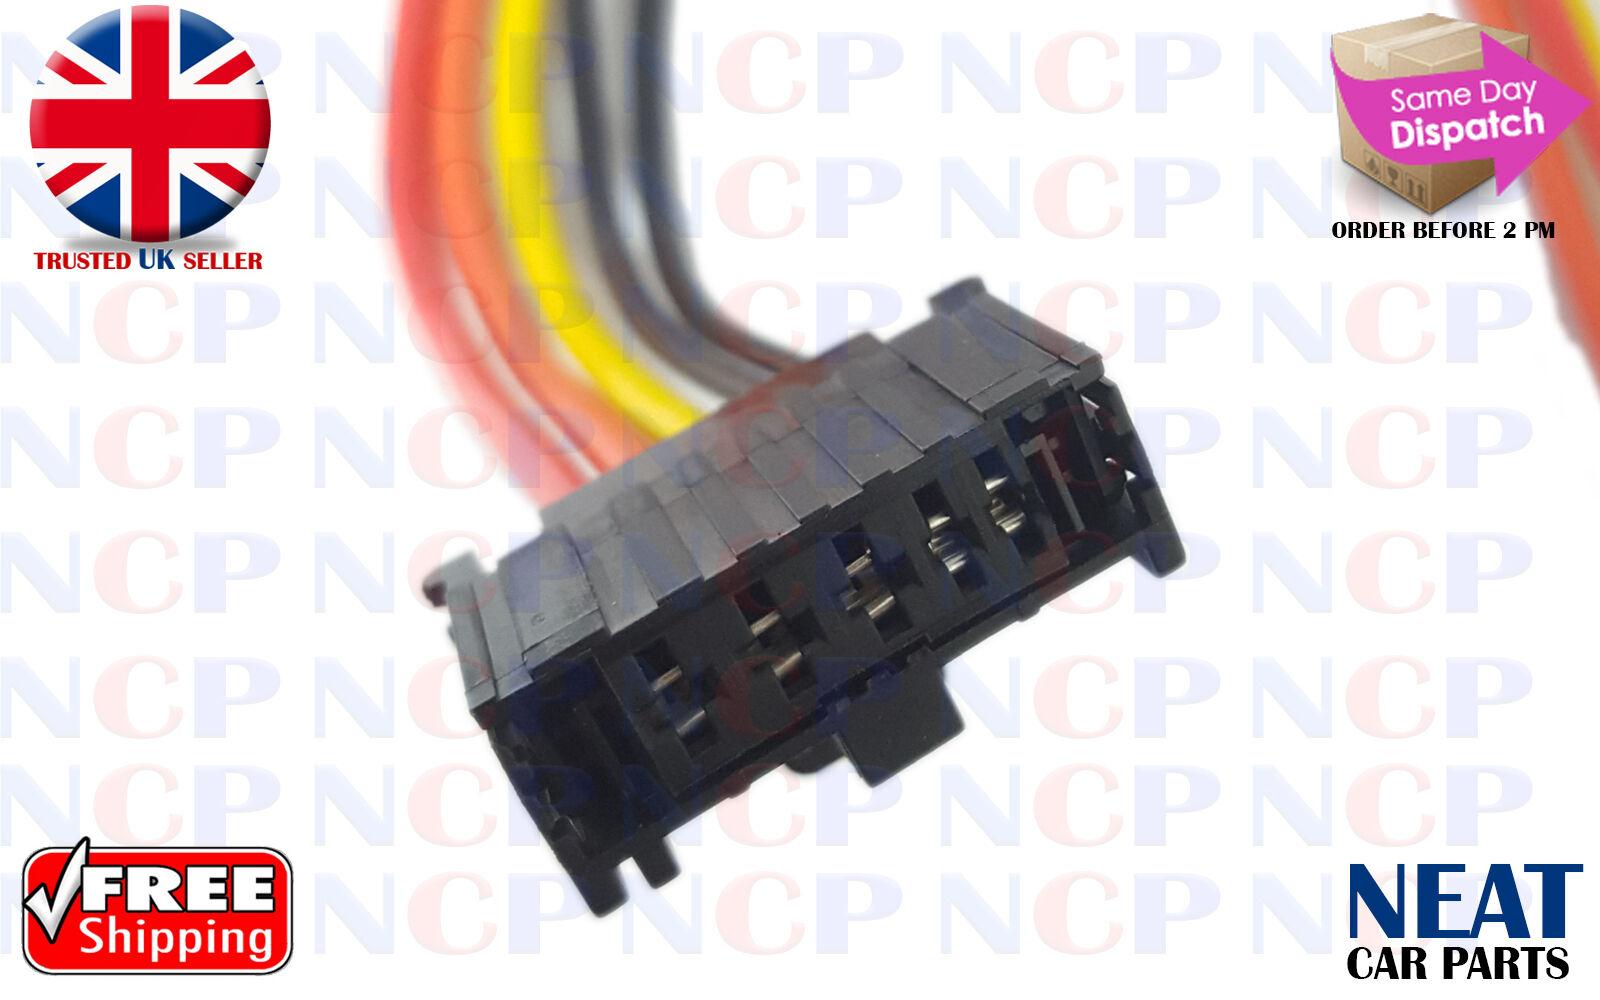 Peugeot 307 Heater Blower Motor Resistor Wiring Loom